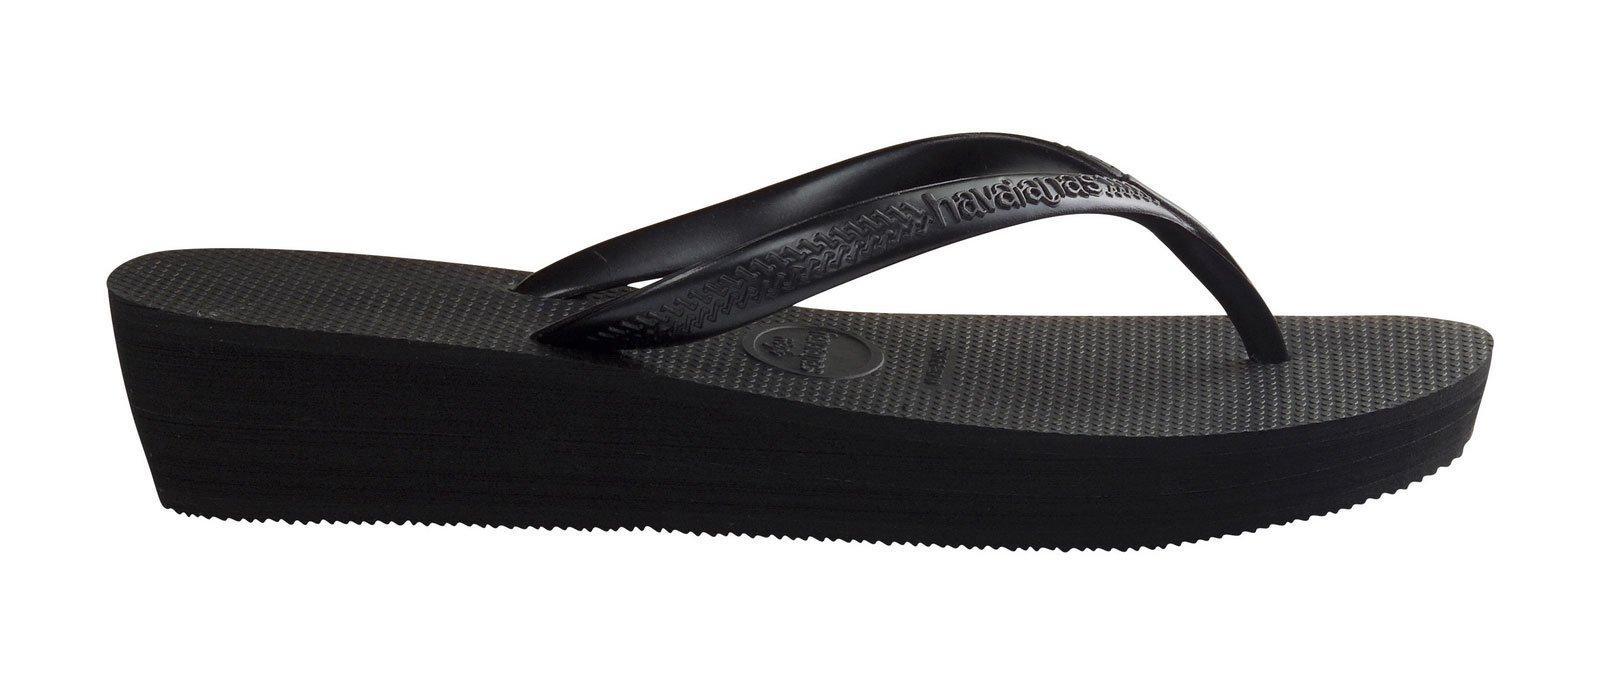 Flip-Flops Flip-flops - High Light Black - Brand Havaianas 7af8366a9